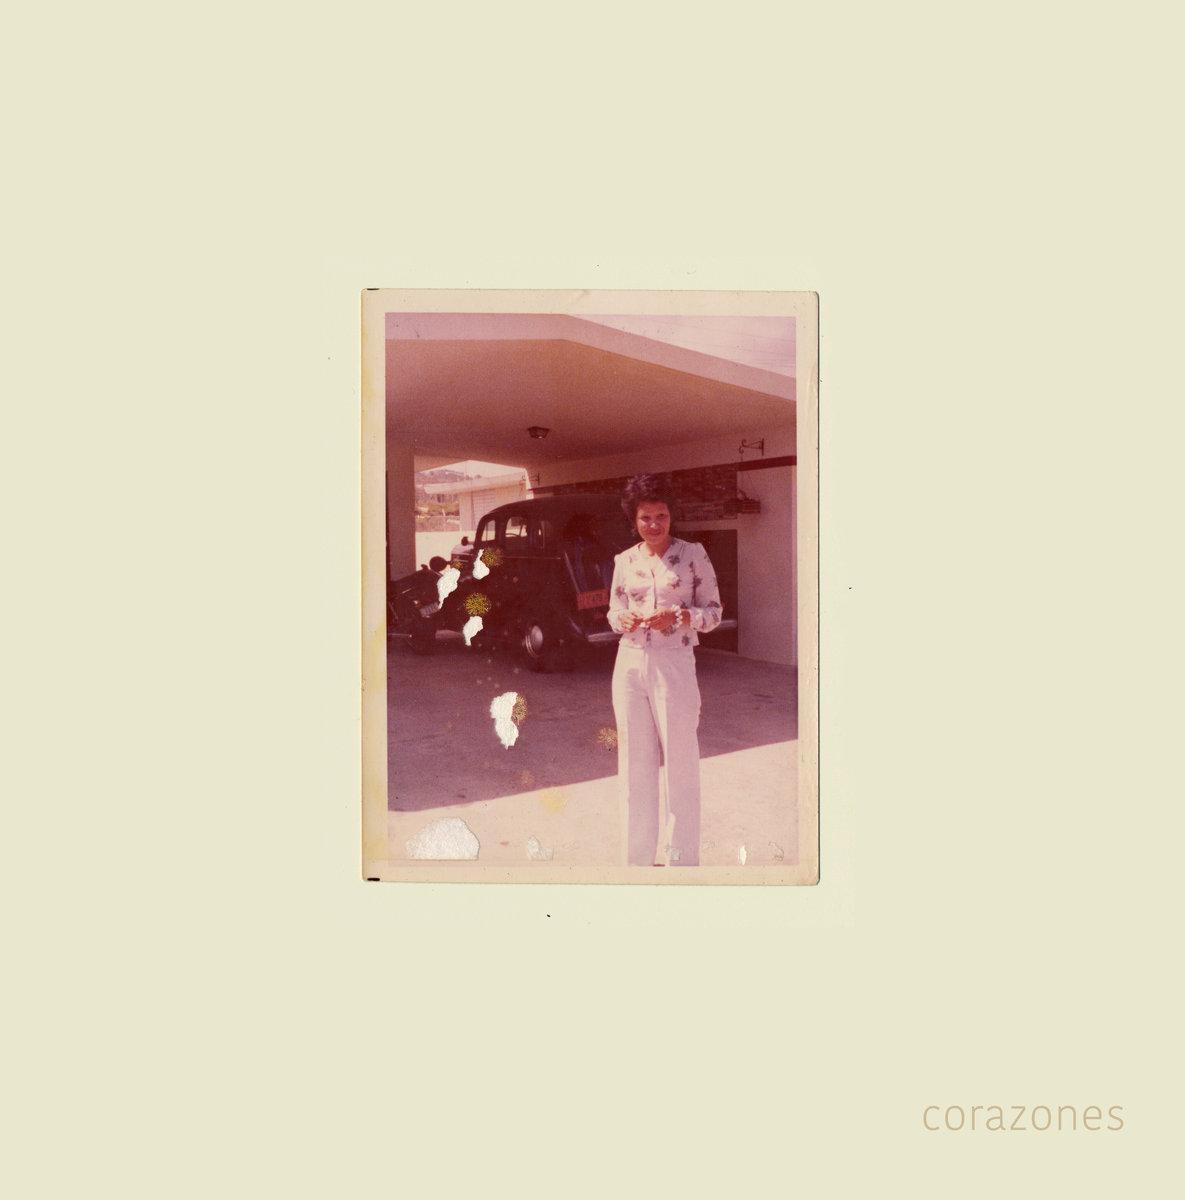 Omar Rodriguez Lopez - Corazones